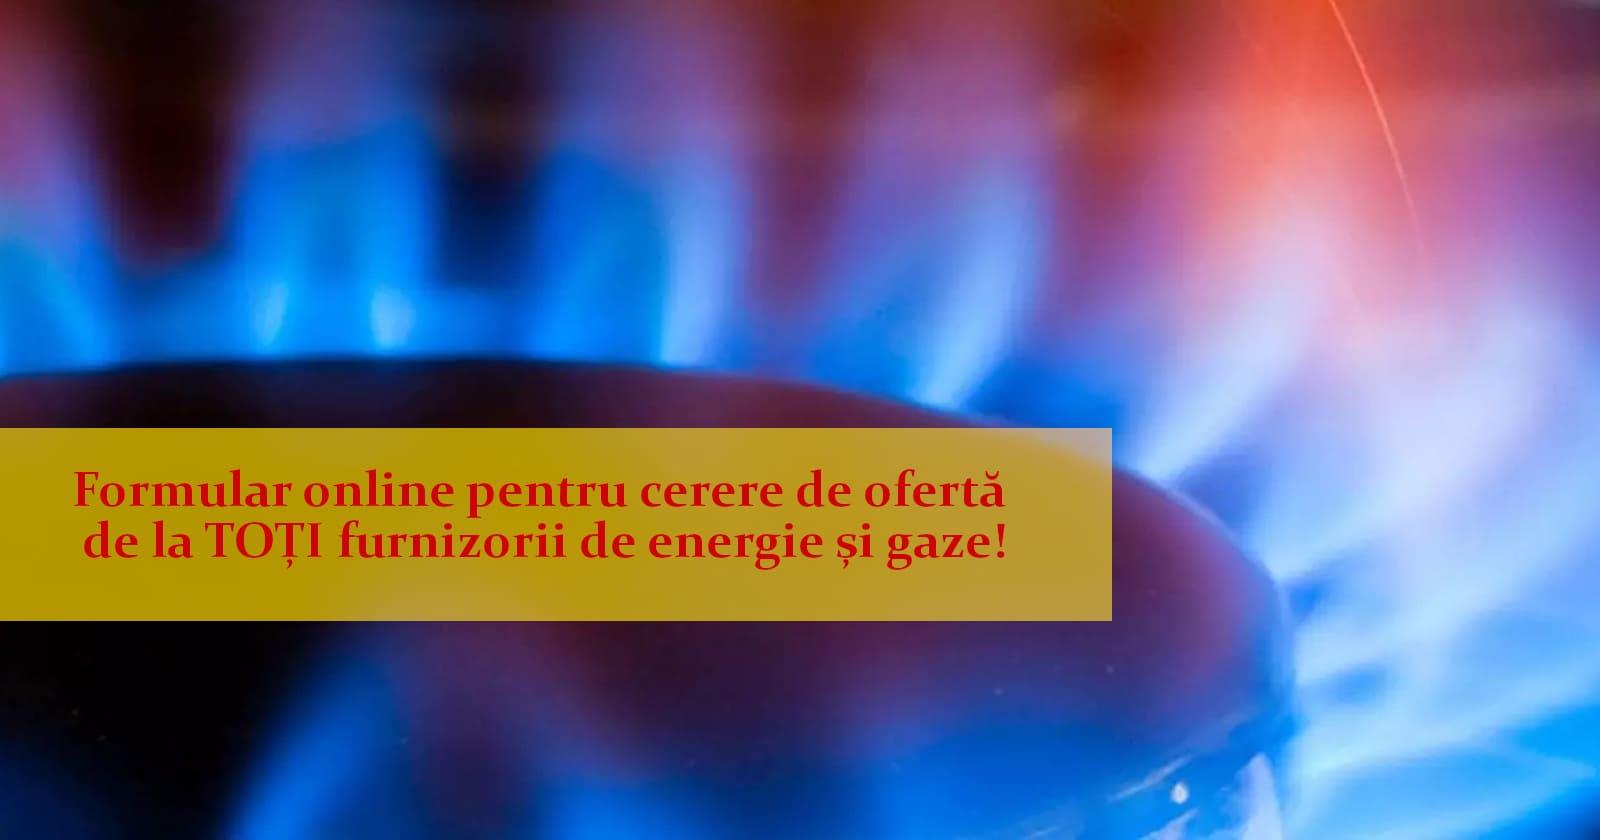 Solicitați oferte de prețuri de la TOȚI furnizorii de energie și gaze